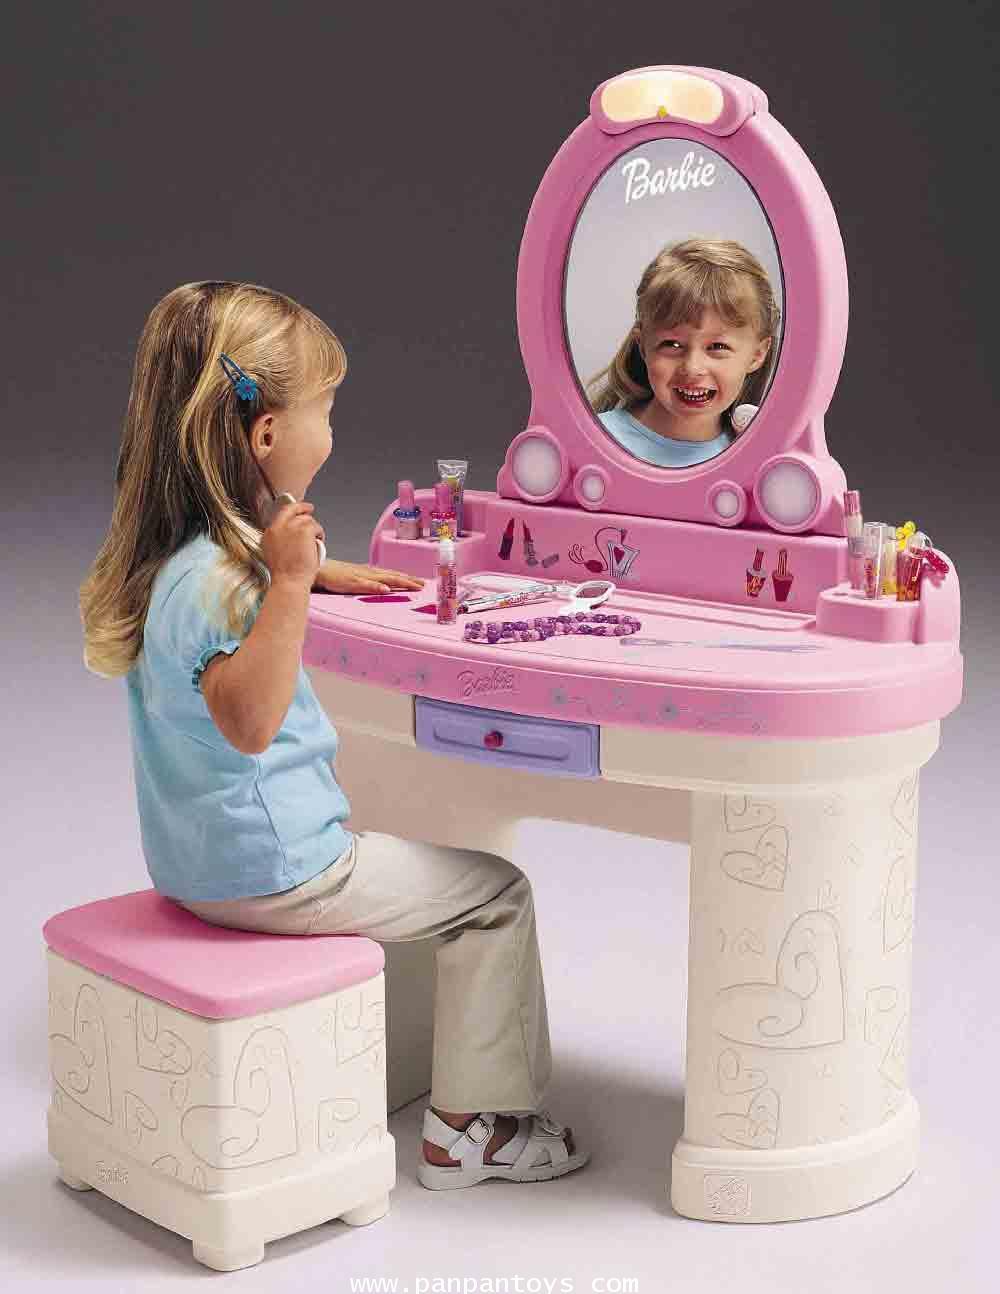 โต๊ะเครื่องแป้งแต่งหน้า #  7579  Fantasy  Vanity